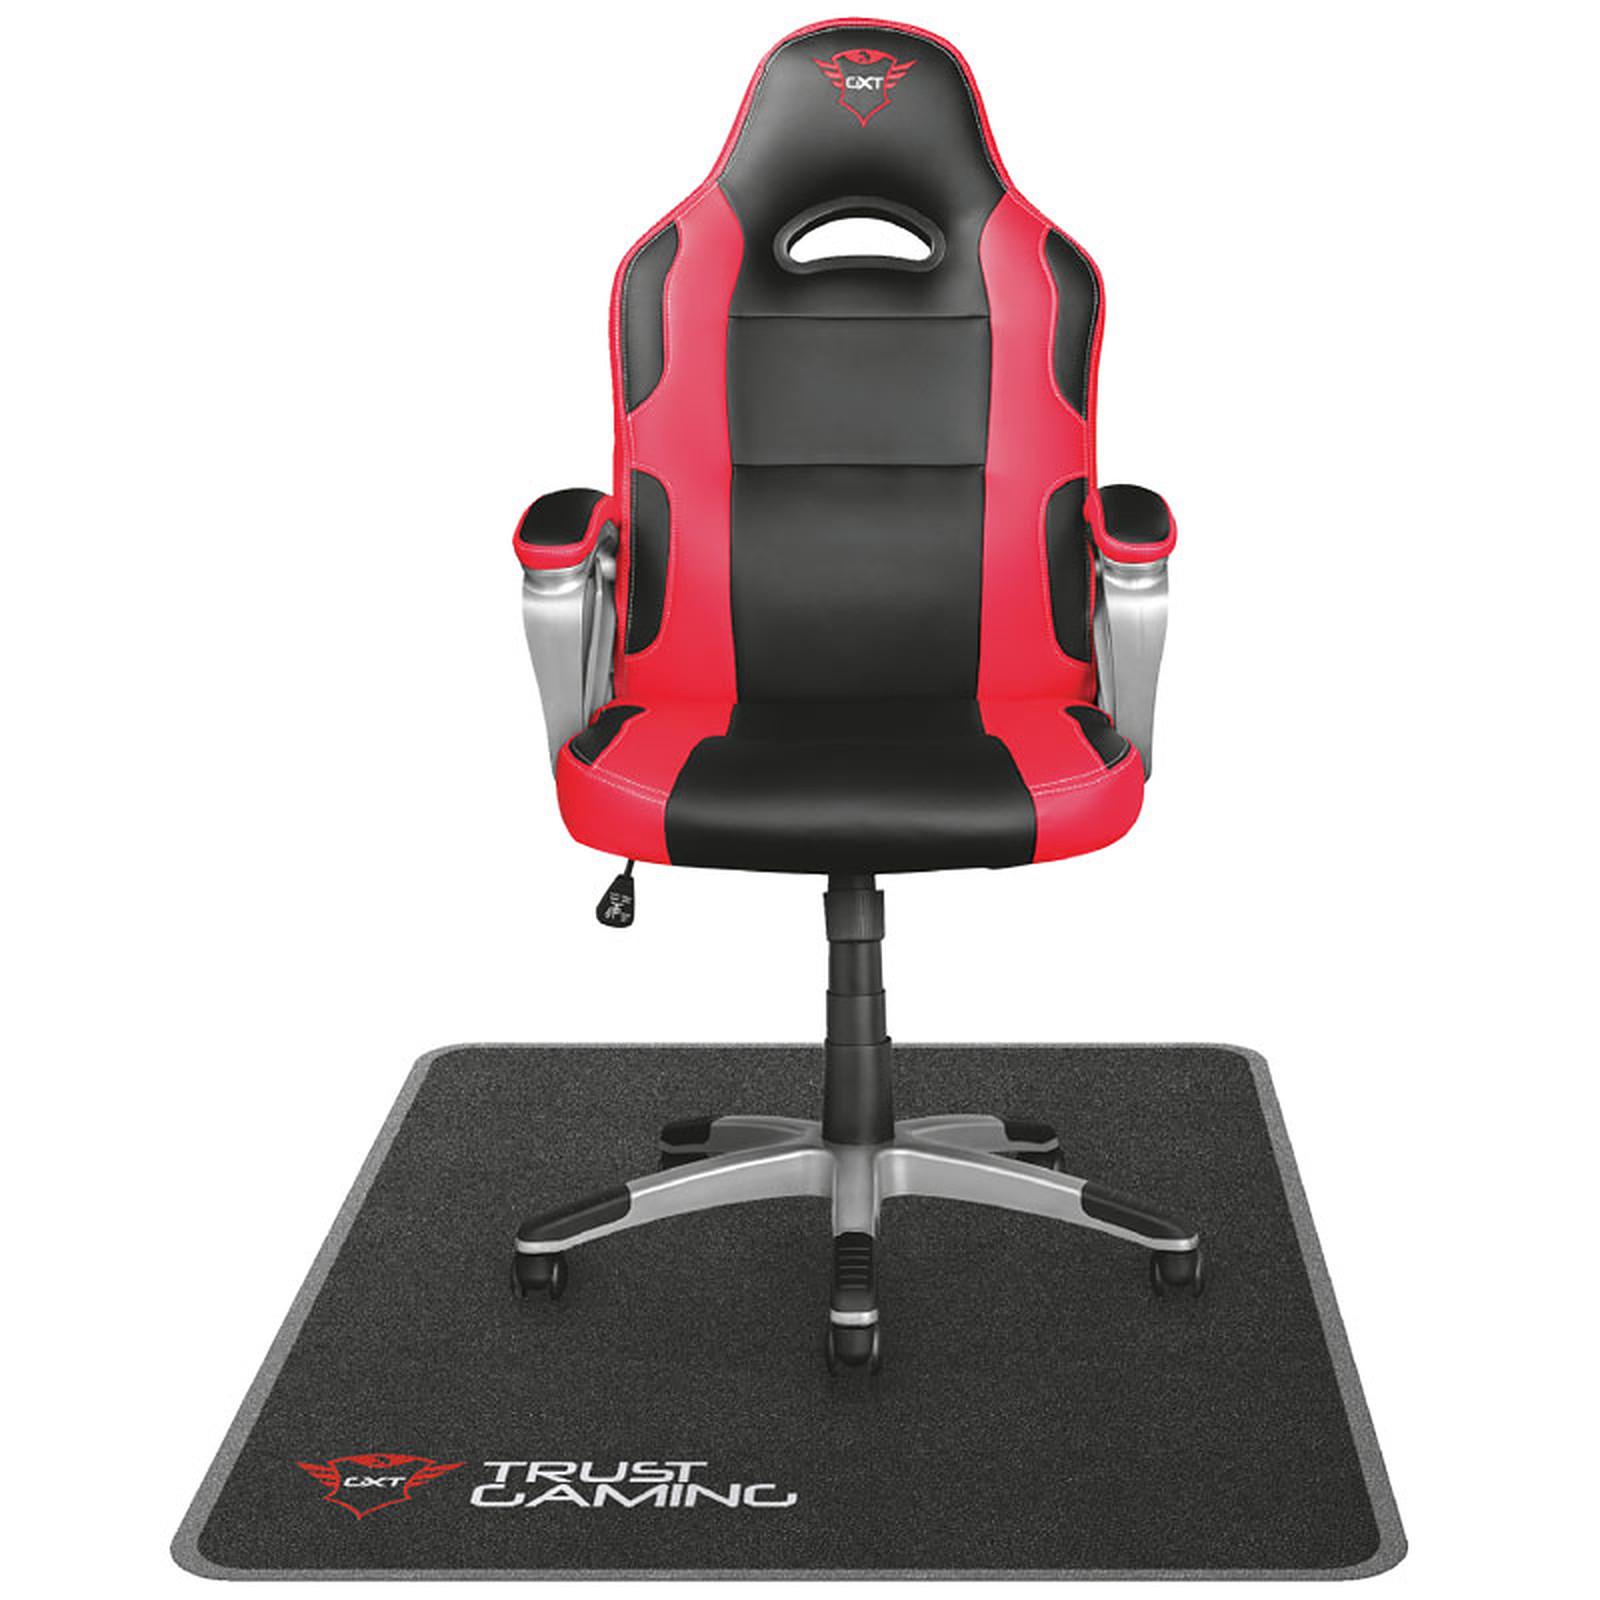 Gxt 715 Trust Gaming Mat Chair 5jc3LSARq4